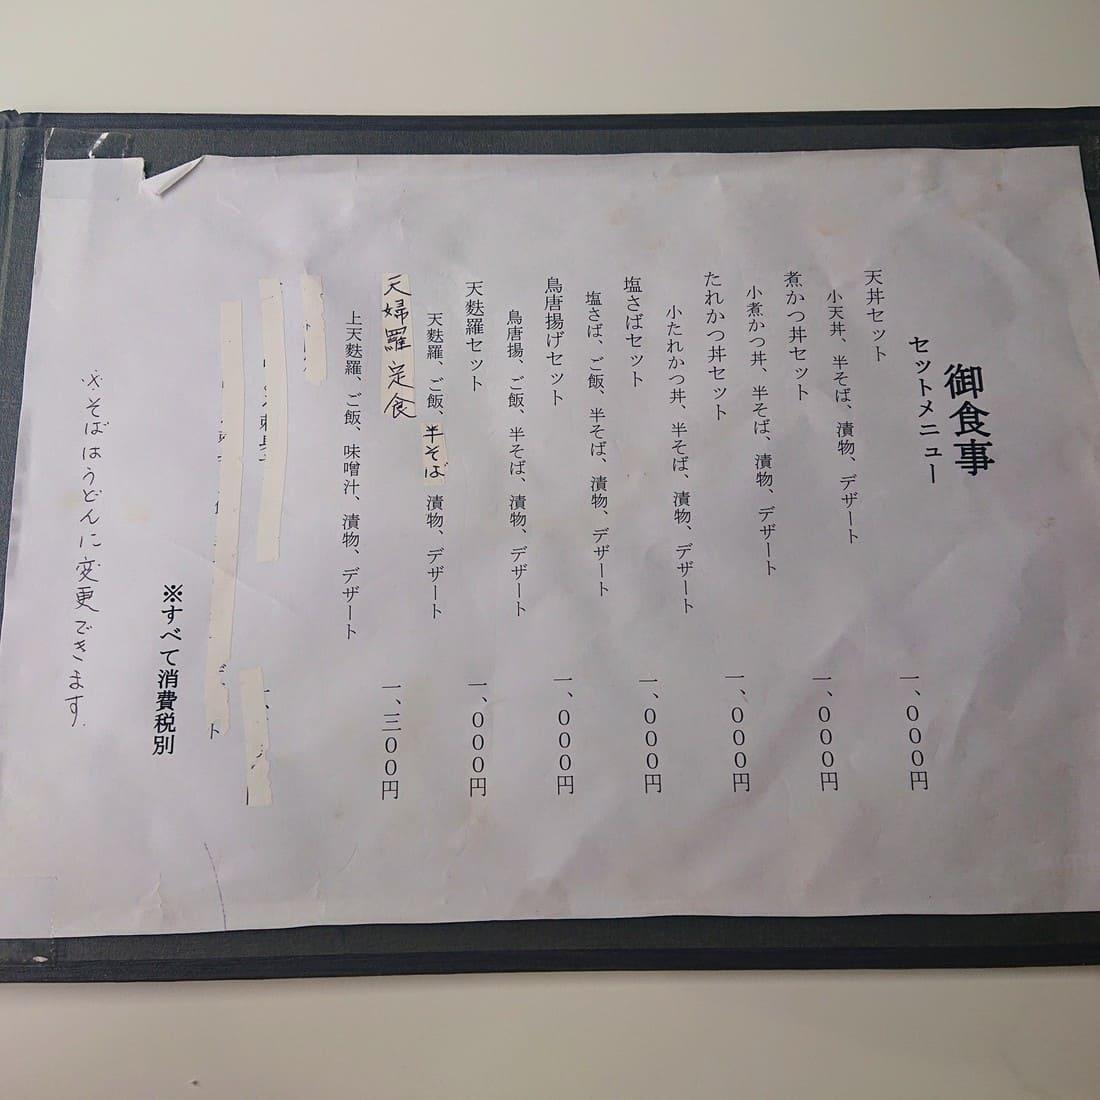 和食寛菜のランチメニュー